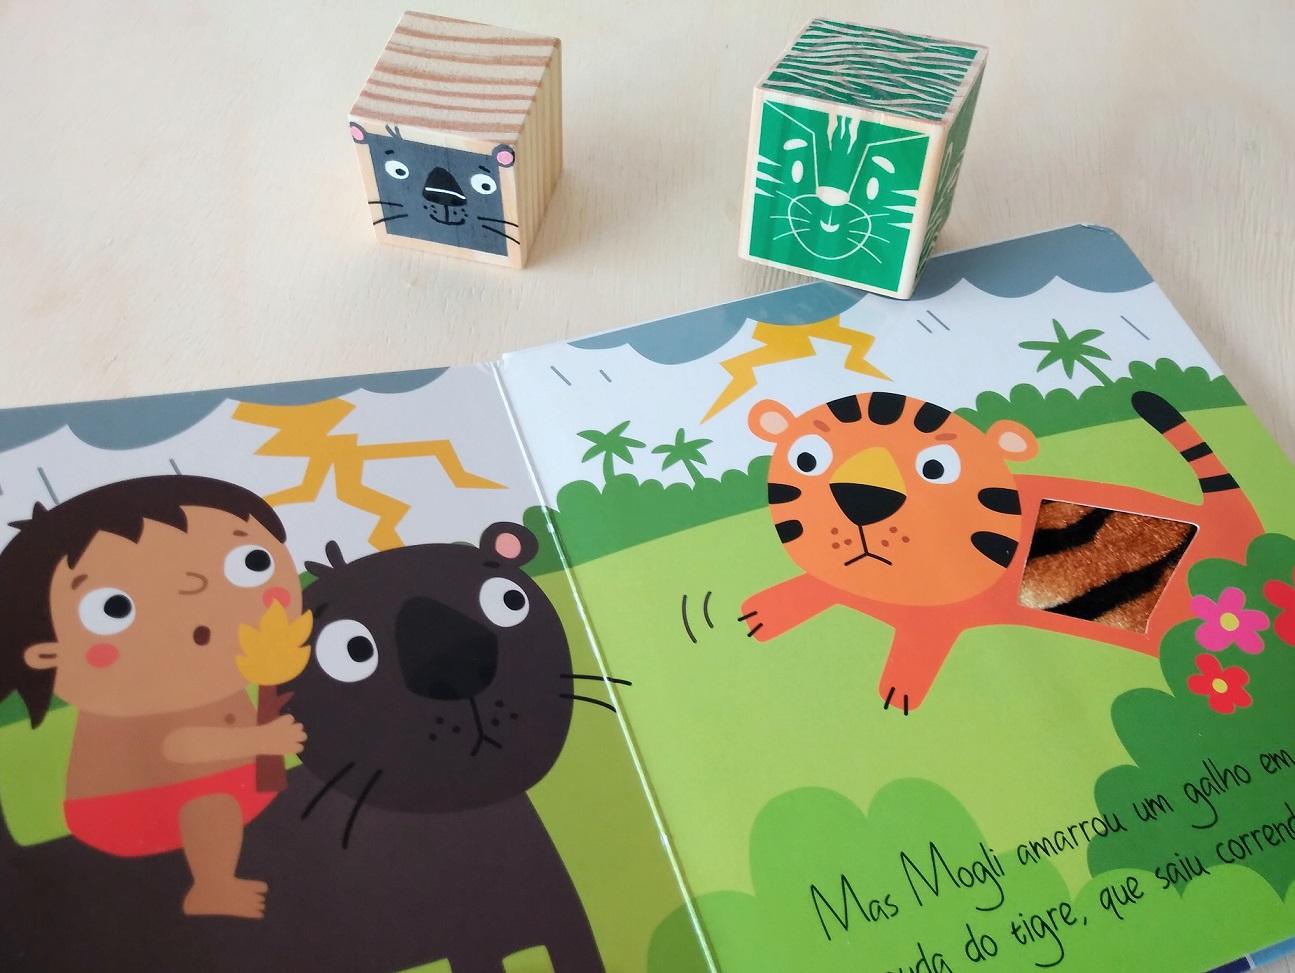 Kit Mogli para Educadores - 1 Livro + 6 Cubos ULLA + 3 Personalizados - Cód. KBL10